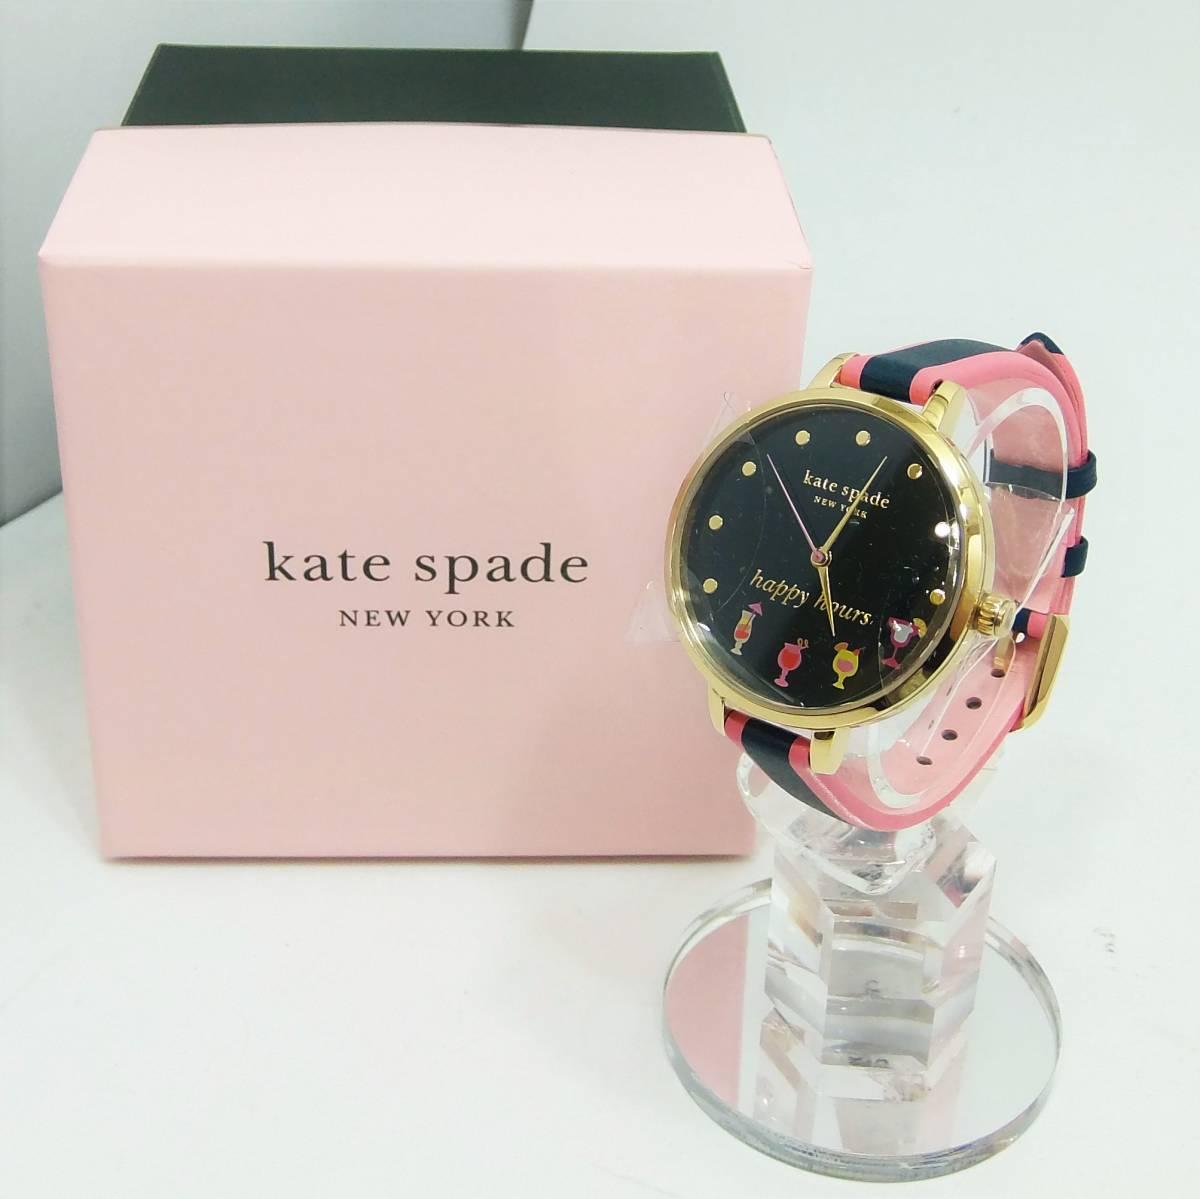 [未使用] ケイトスペード ニューヨーク kate spade NEW YORK メトロ ゴールドトーン ハッピーアワーウォッチ 腕時計 KSW1630_画像1